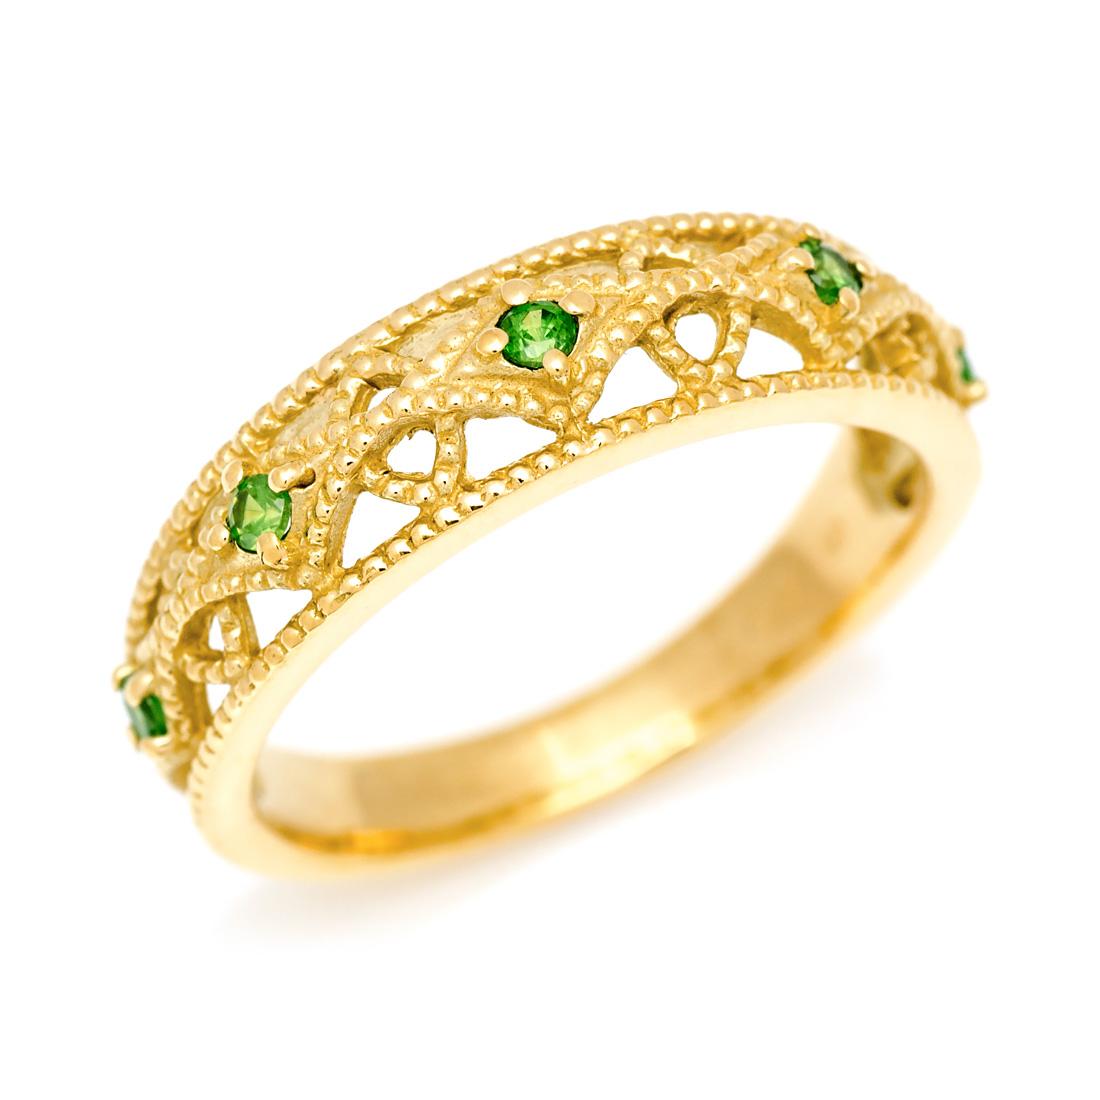 K18 デマントイドガーネット リングcortile指輪 ゴールド 18K 18金 ミル打ち 誕生日 1月誕生石 刻印 文字入れ メッセージ ギフト 贈り物 ピンキーリング対応可能3Aj45RLq